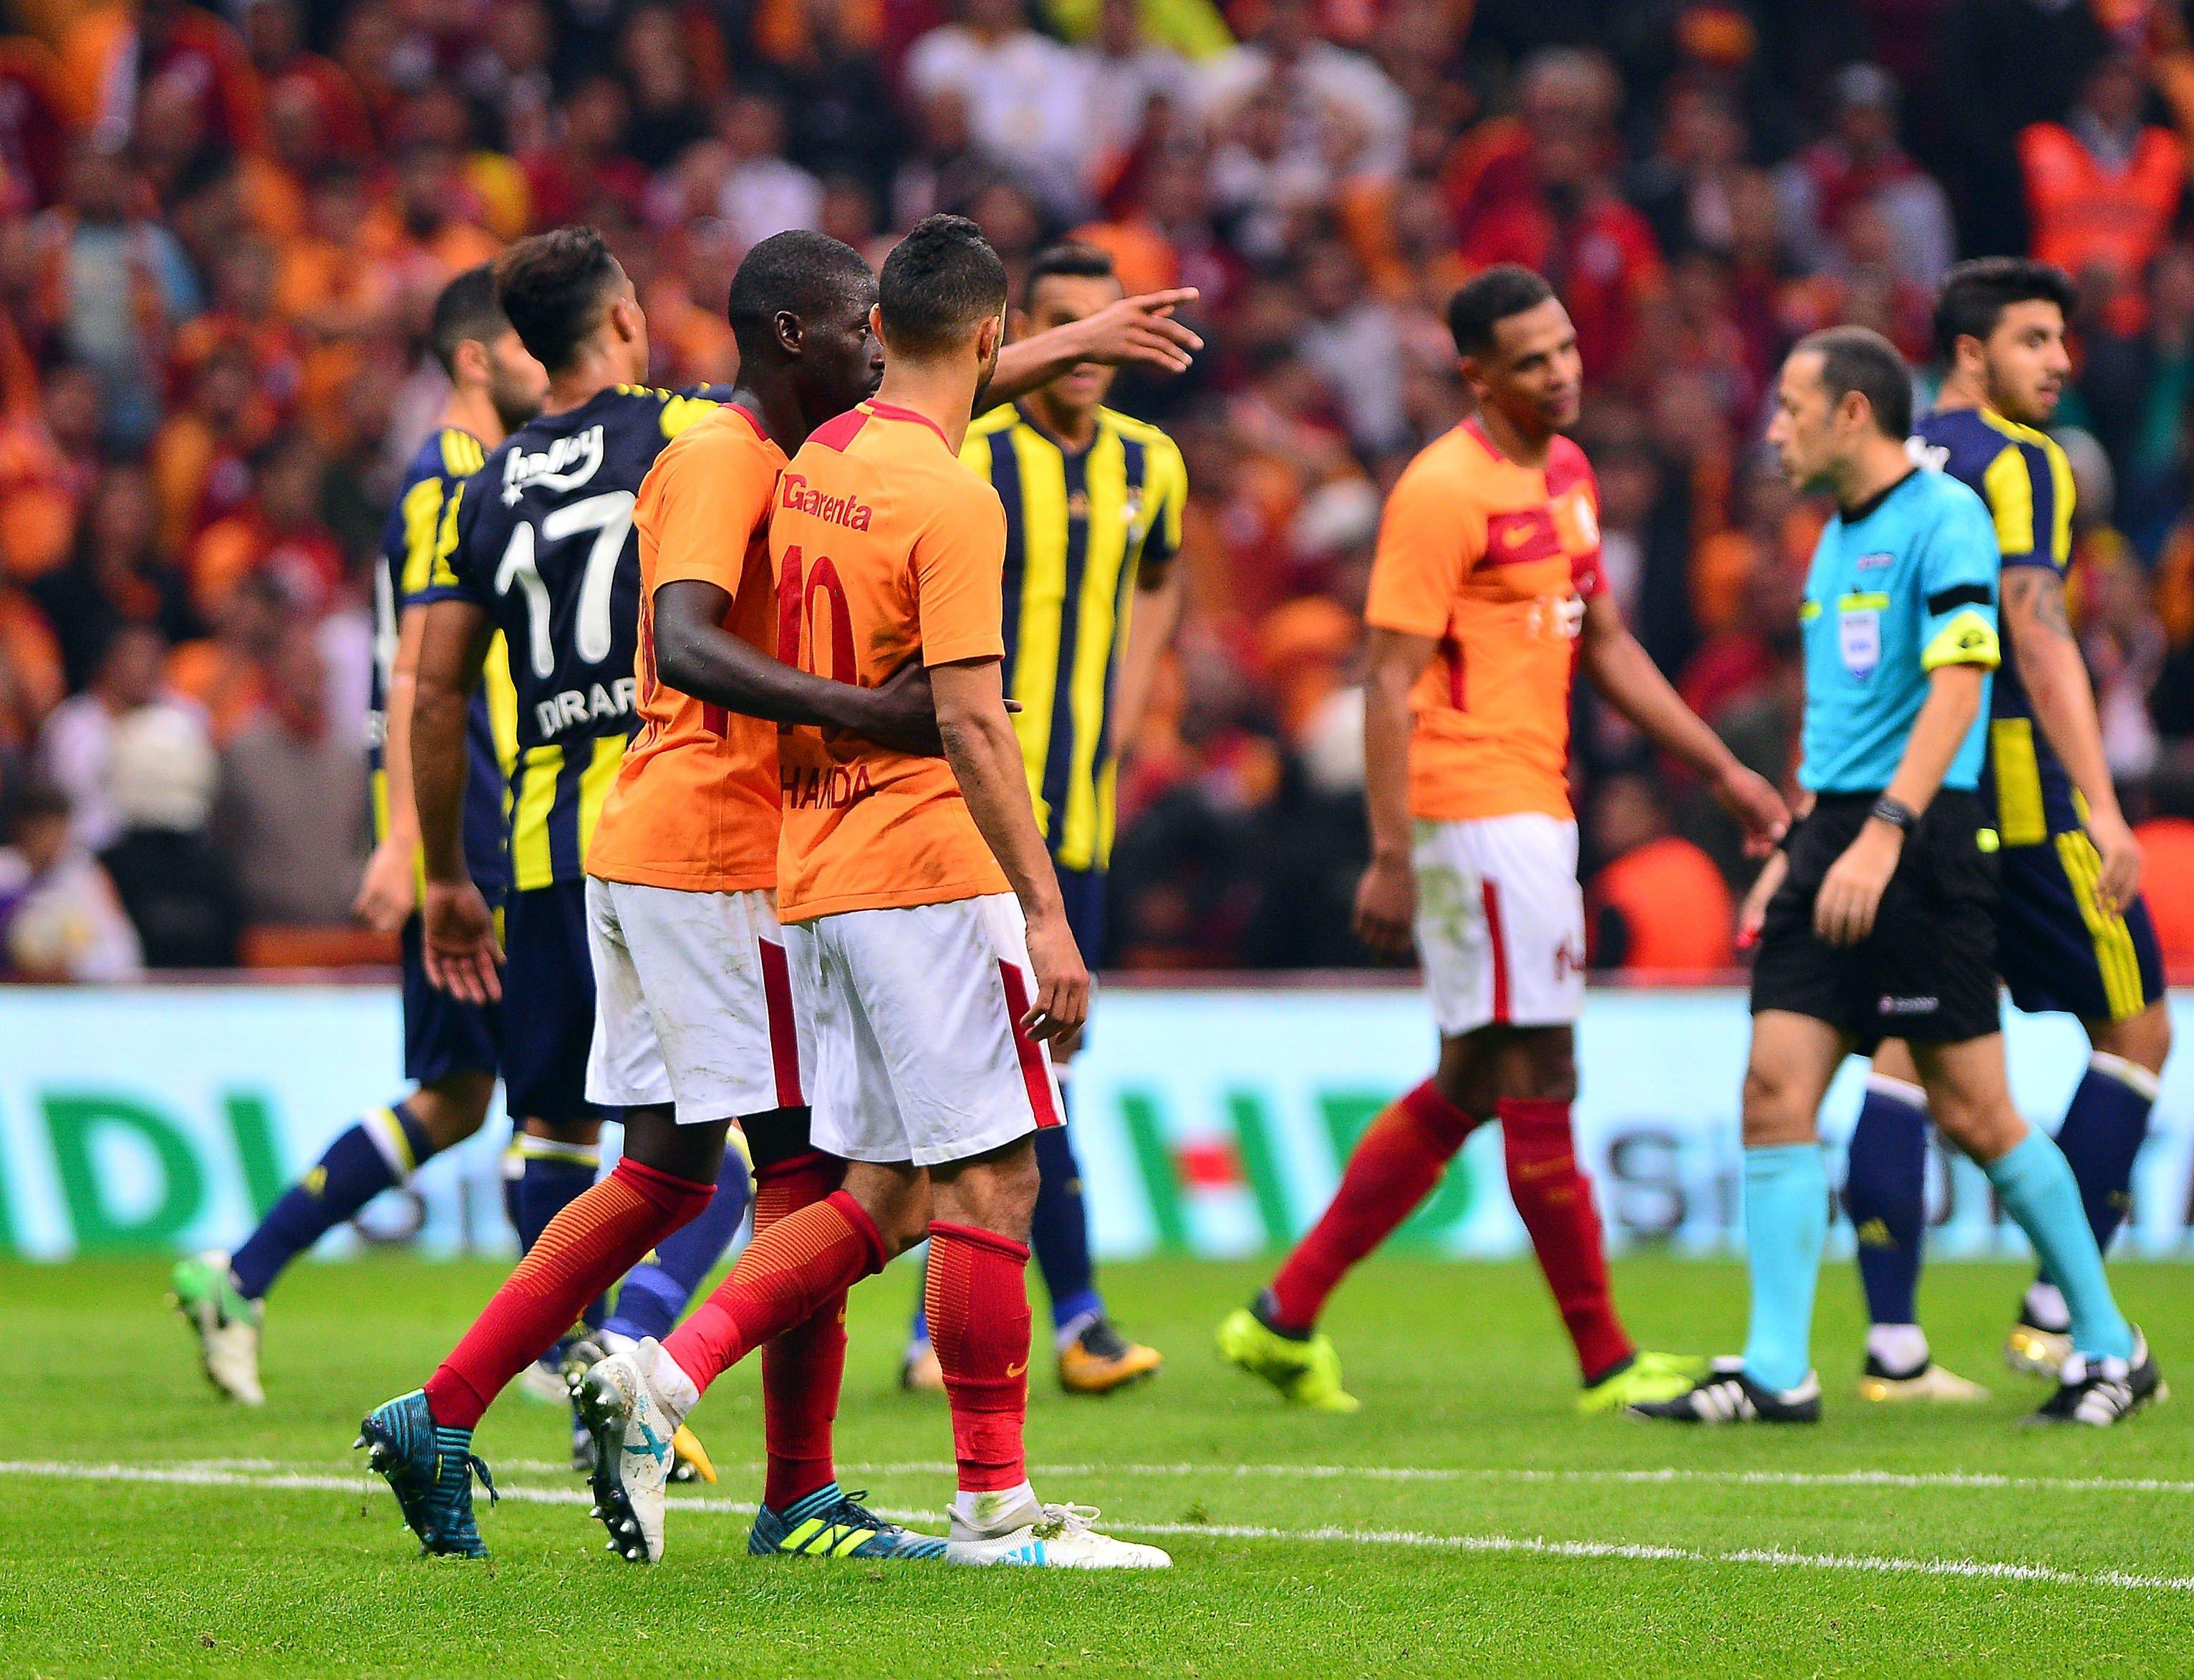 'Fenerbahçe - Galatasaray bilgi arenası